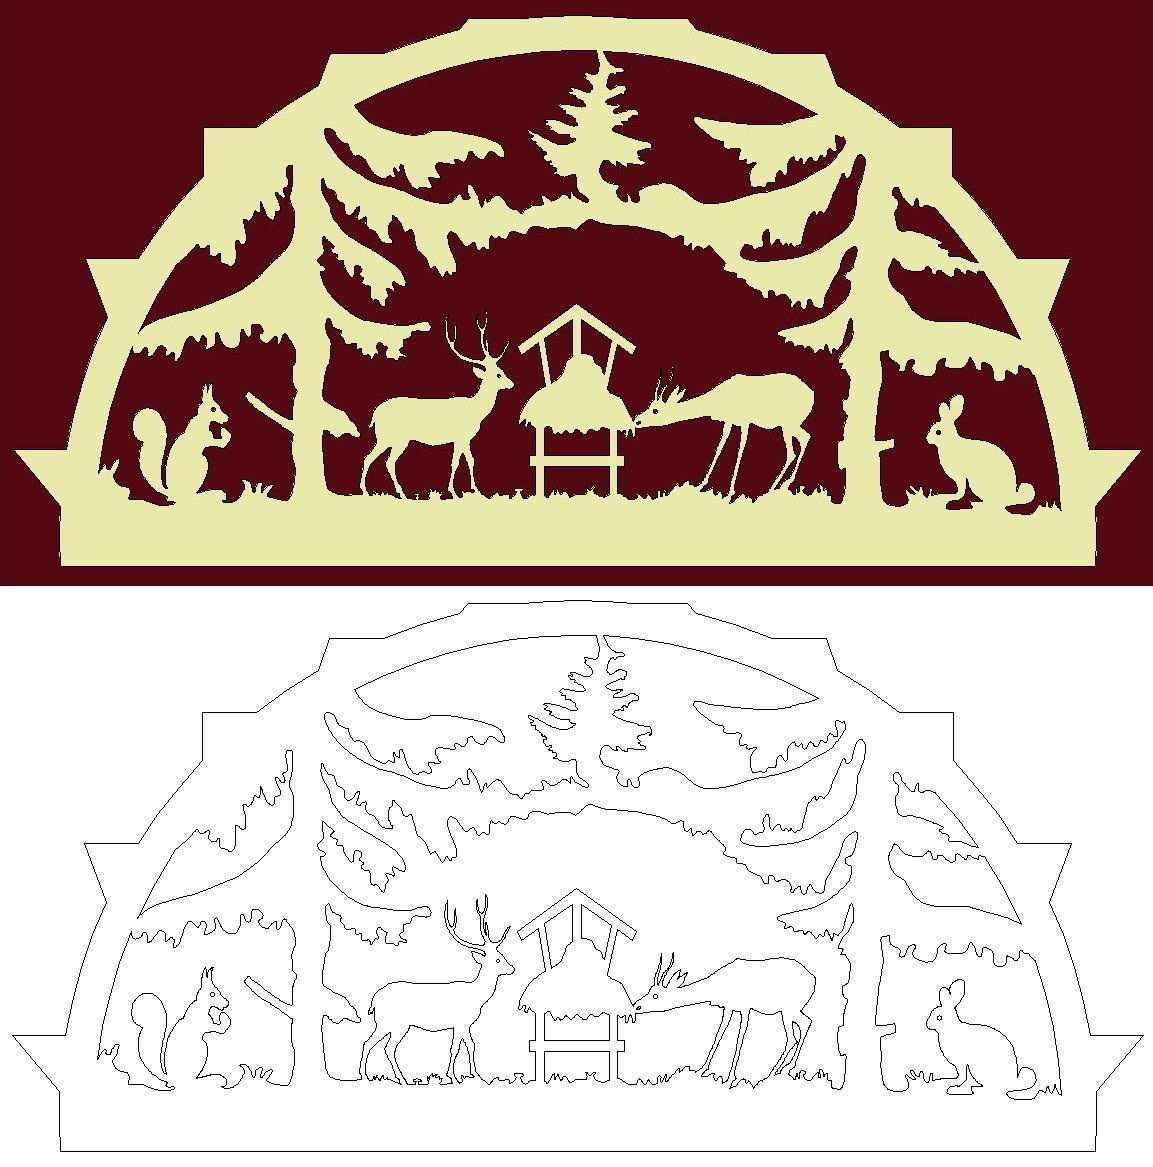 Schwibbogen Vorlage Wild An Einer Futterraufe Im Forst Weihnachtsschablonen Laubsage Vorlagen Weihnachten Holz Basteln Weihnachten